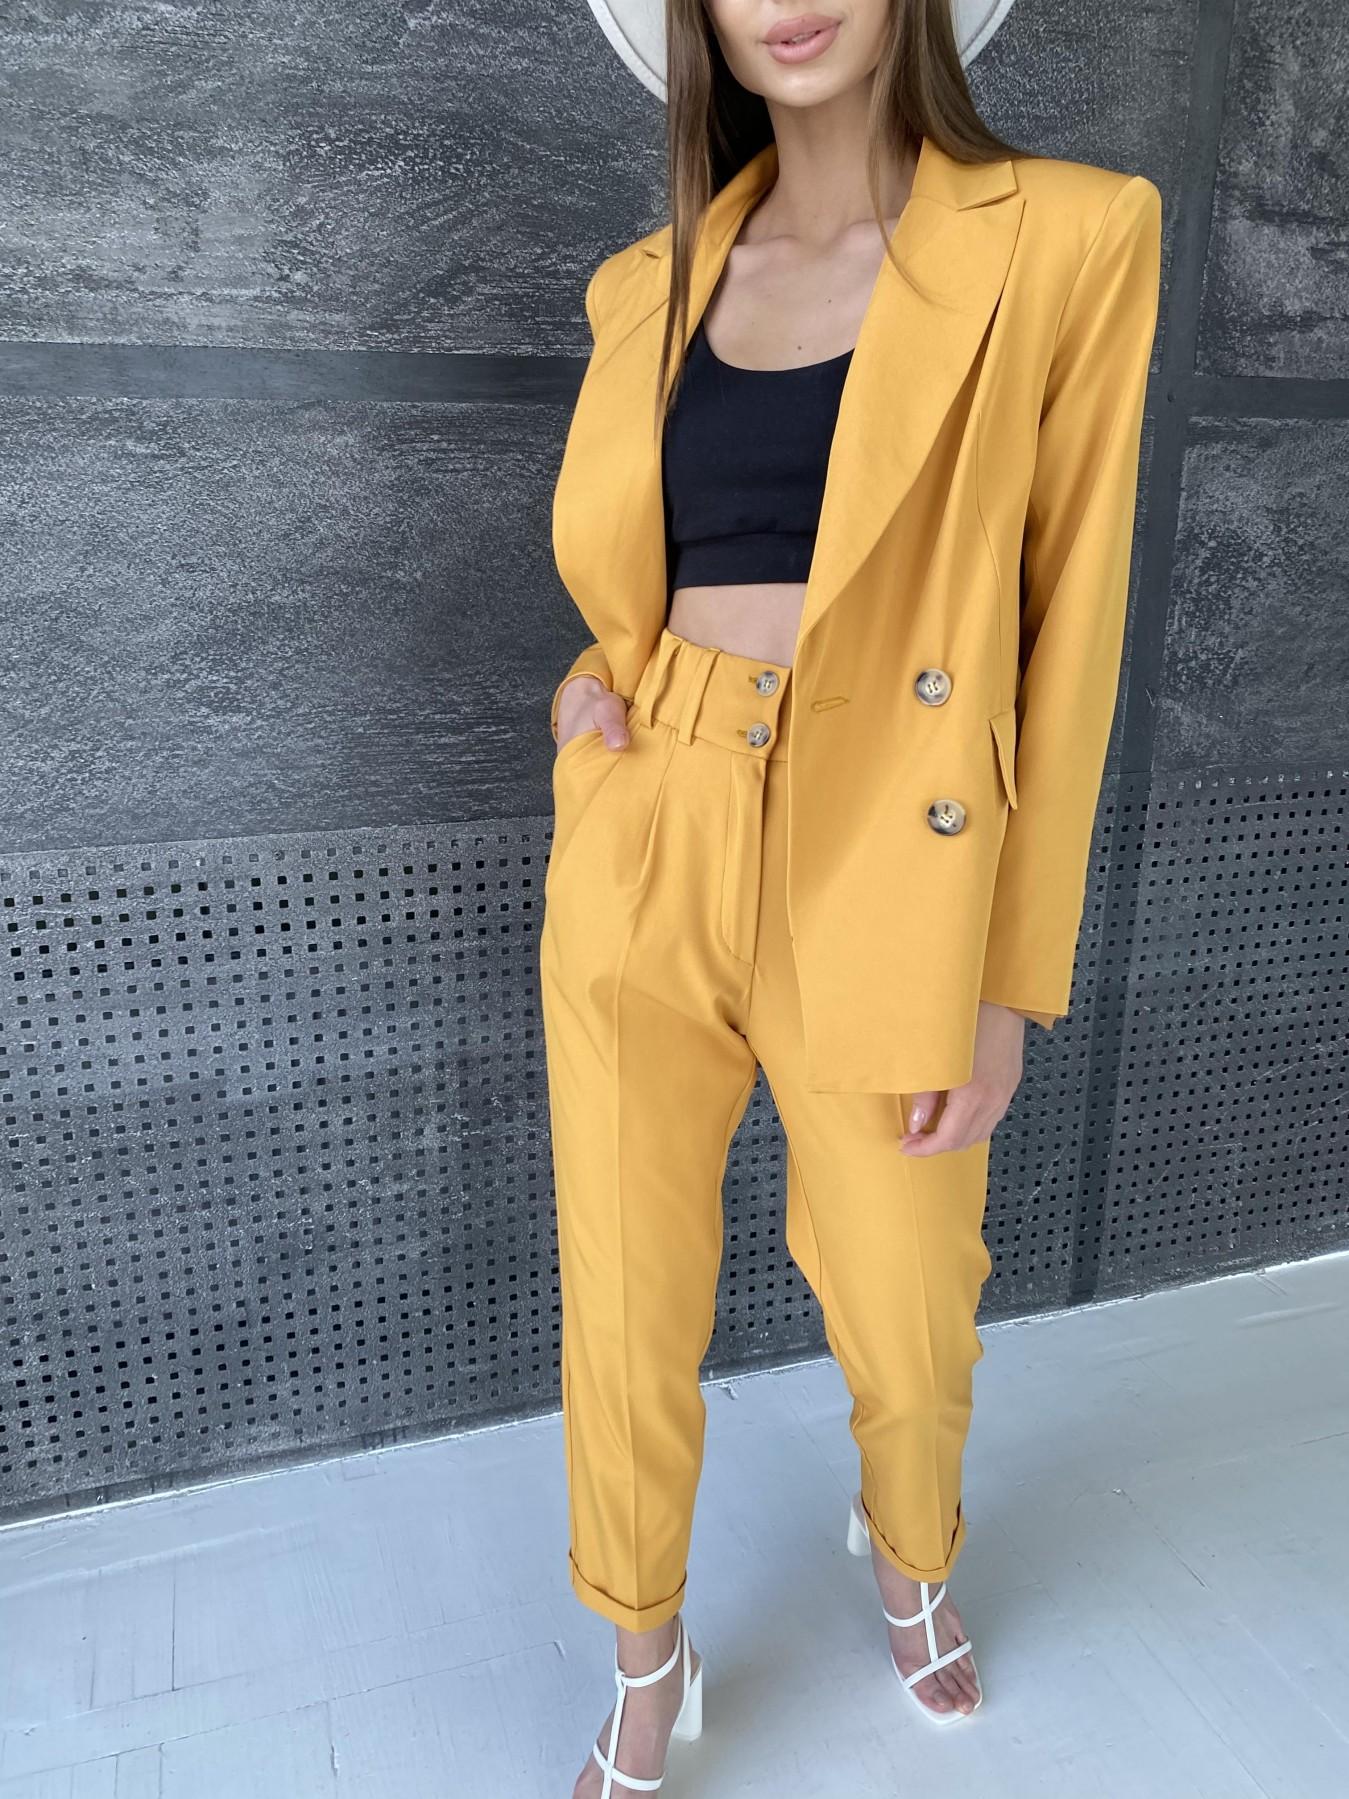 Франко костюм из костюмной ткани 11090 АРТ. 47891 Цвет: Горчица Темная - фото 4, интернет магазин tm-modus.ru